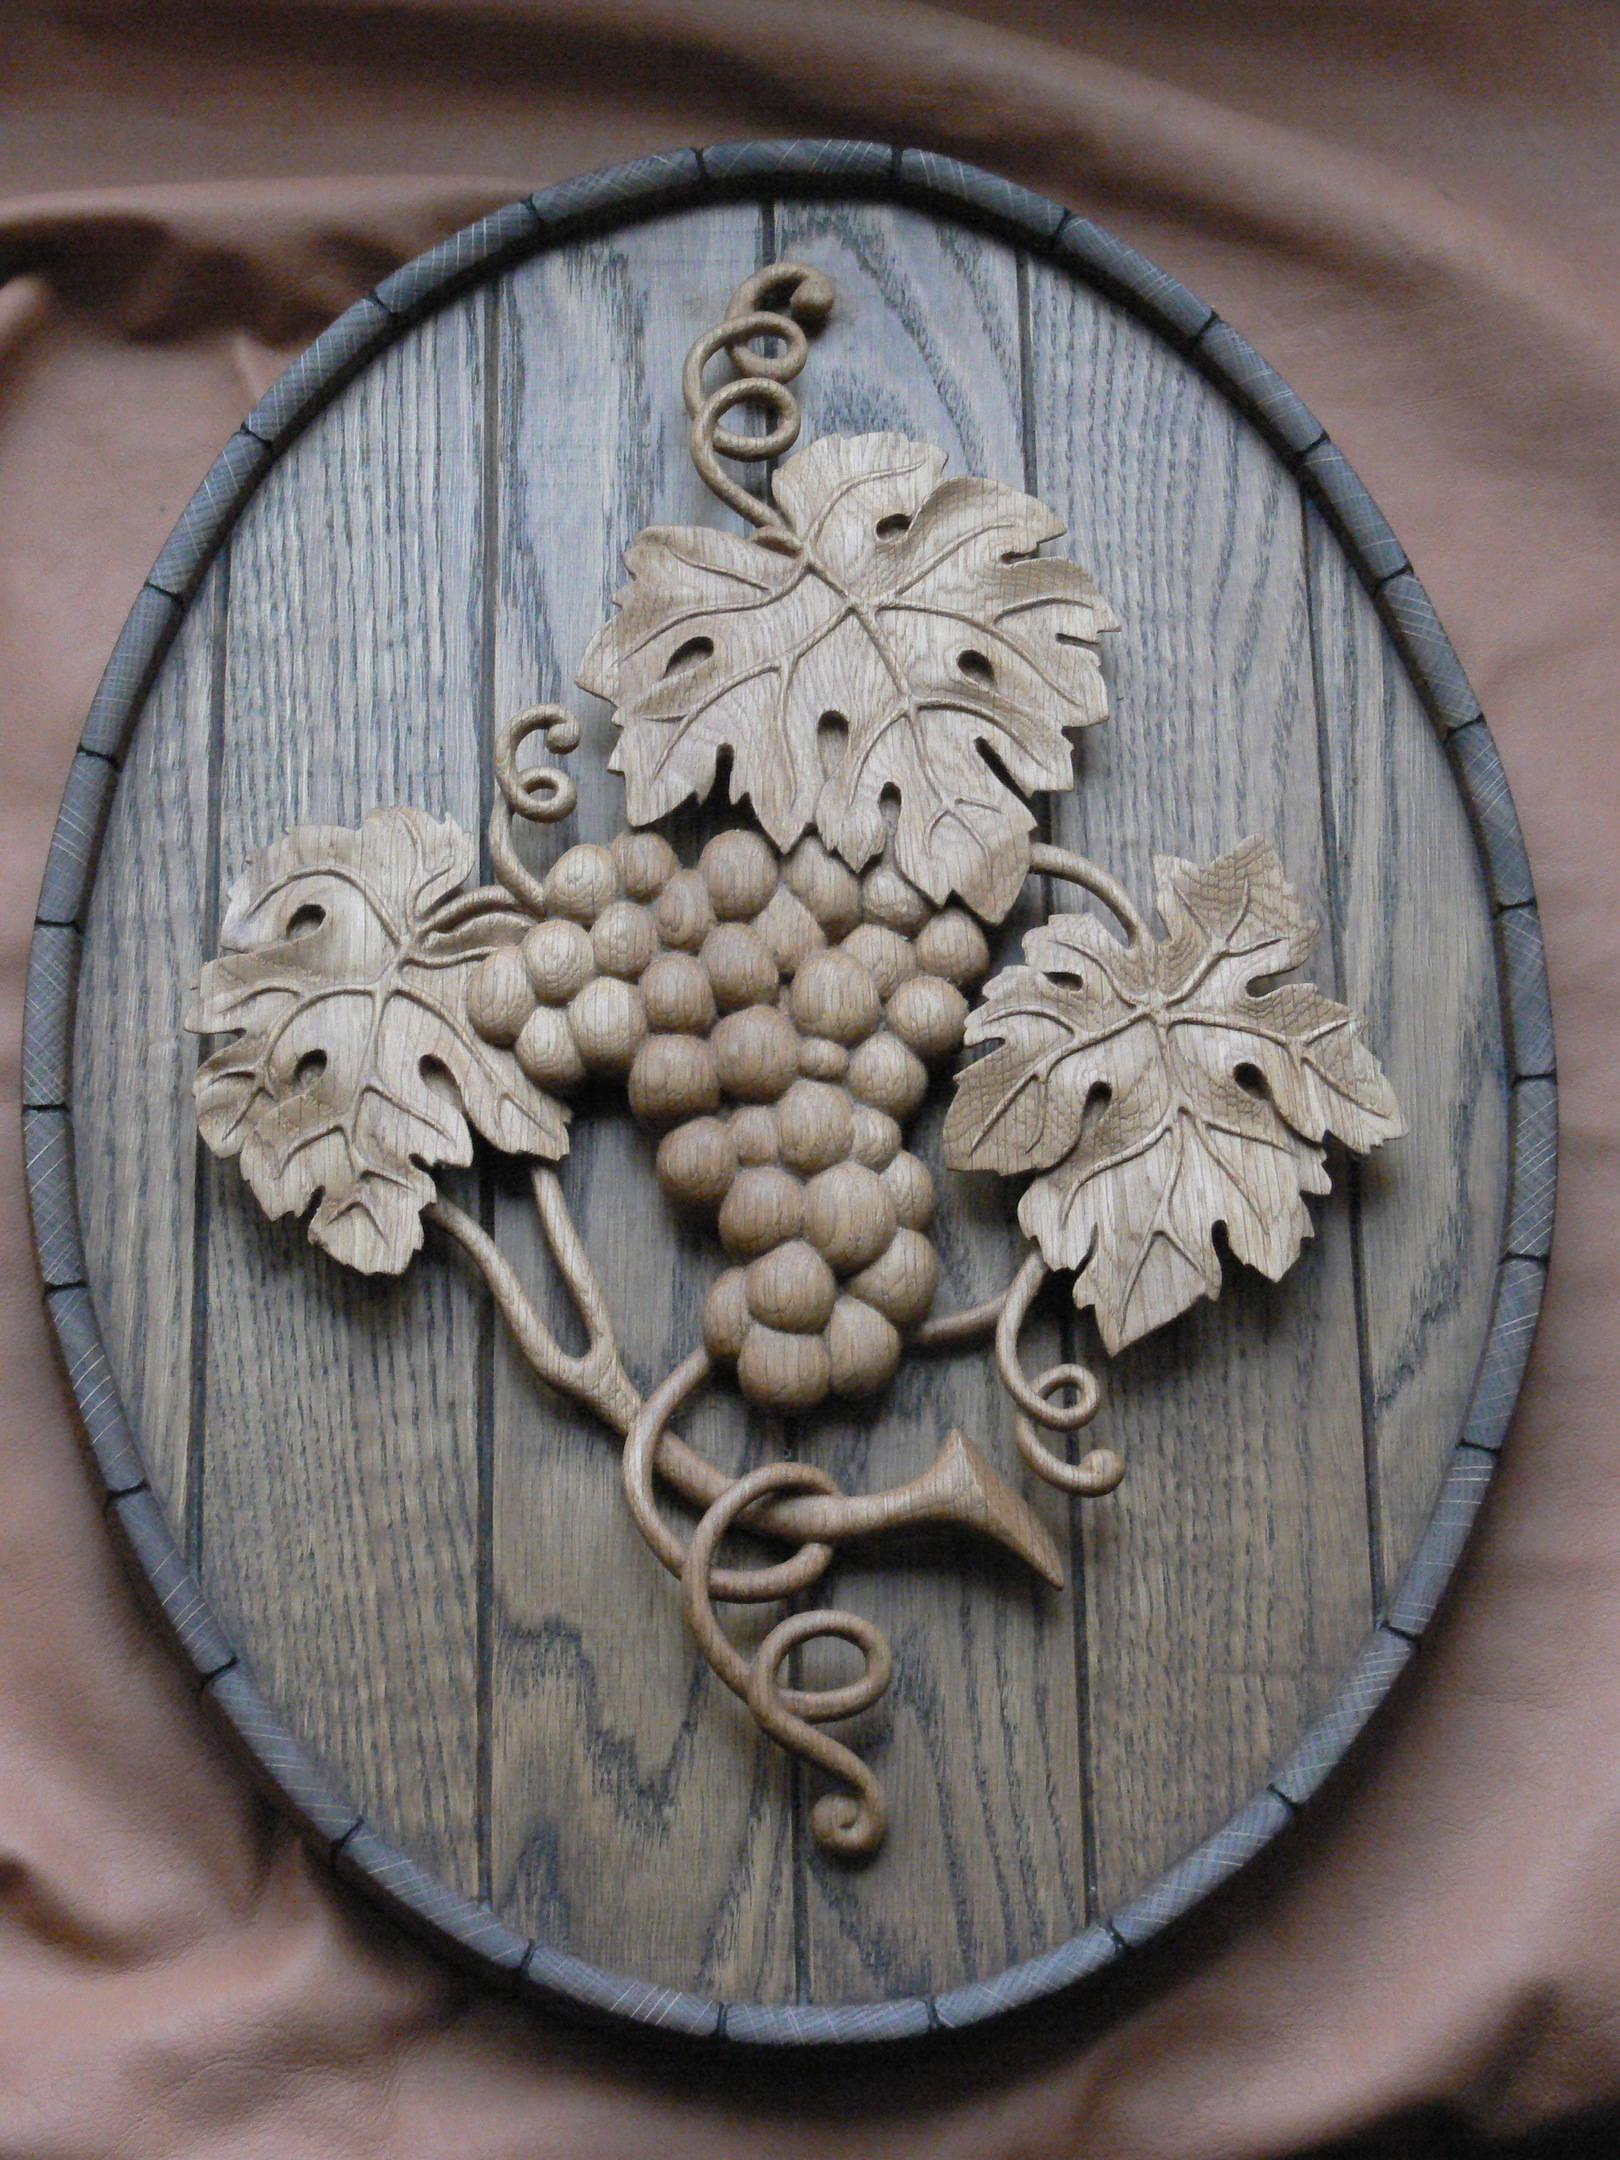 Как вырезать виноградную лозу из дерева своими руками